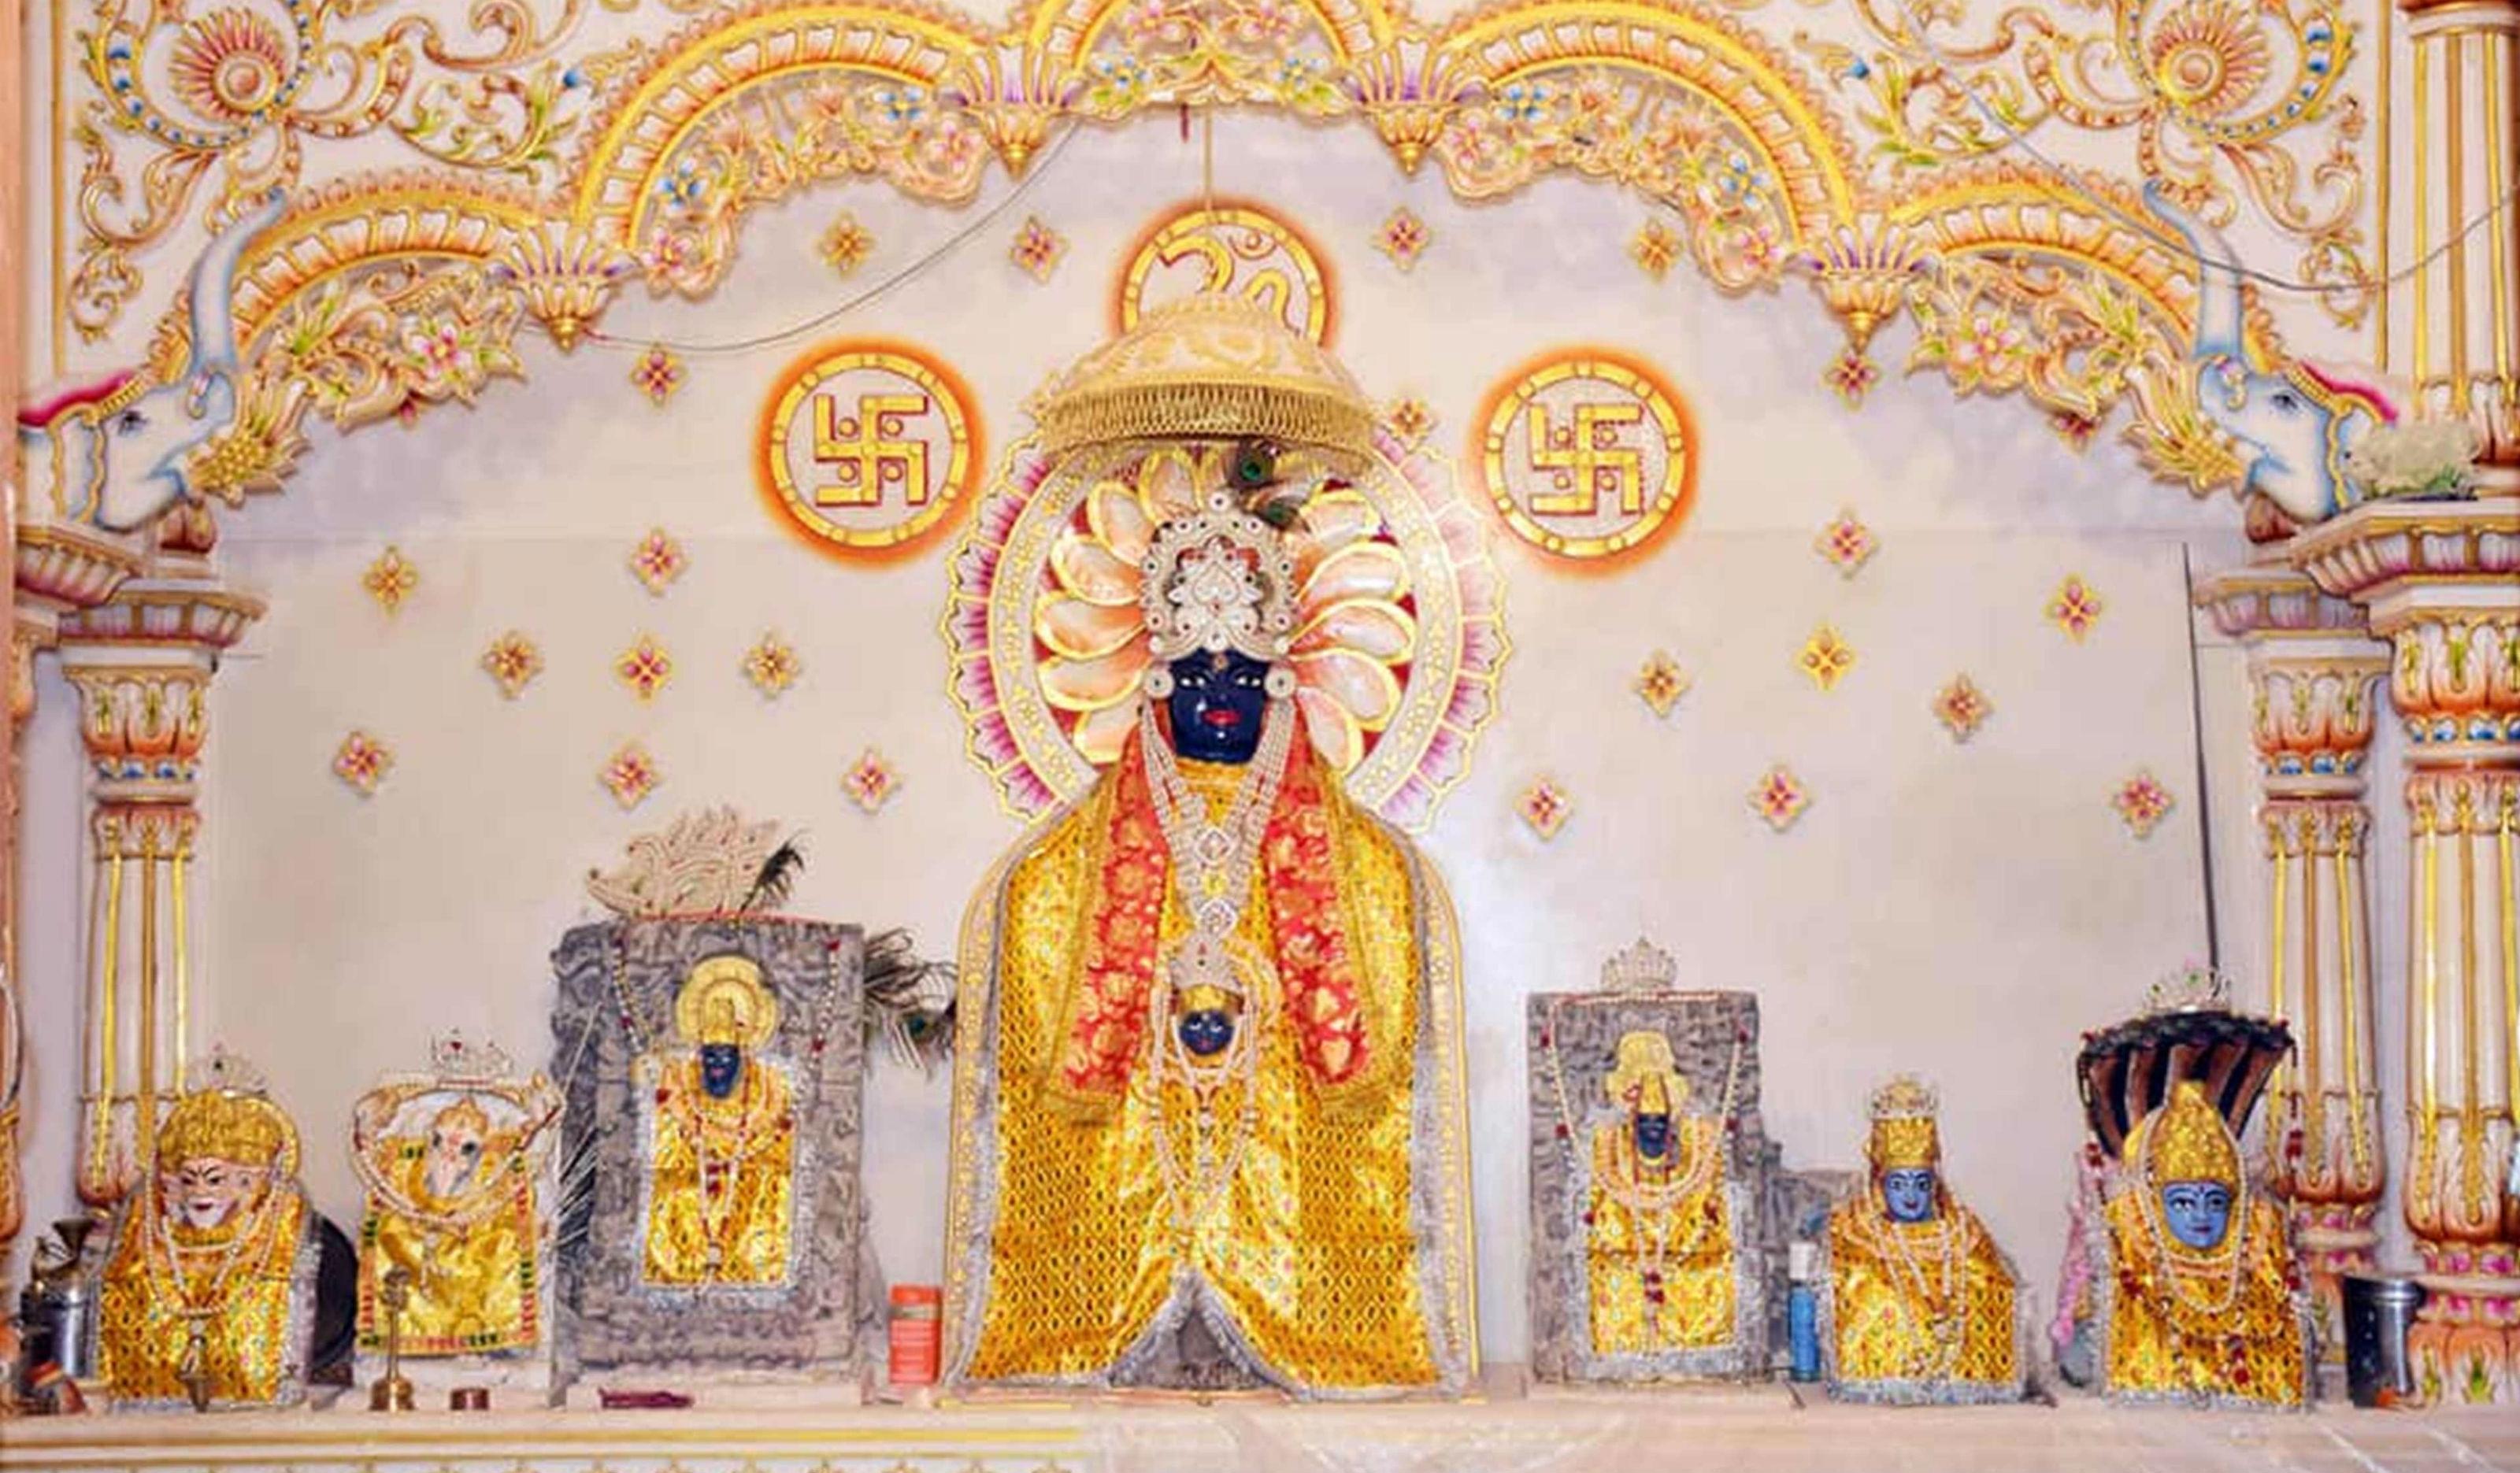 ठाकुरबाबा मंदिर में हुई सजावट, कजली पर्व पर नहीं लगेगी भीड़